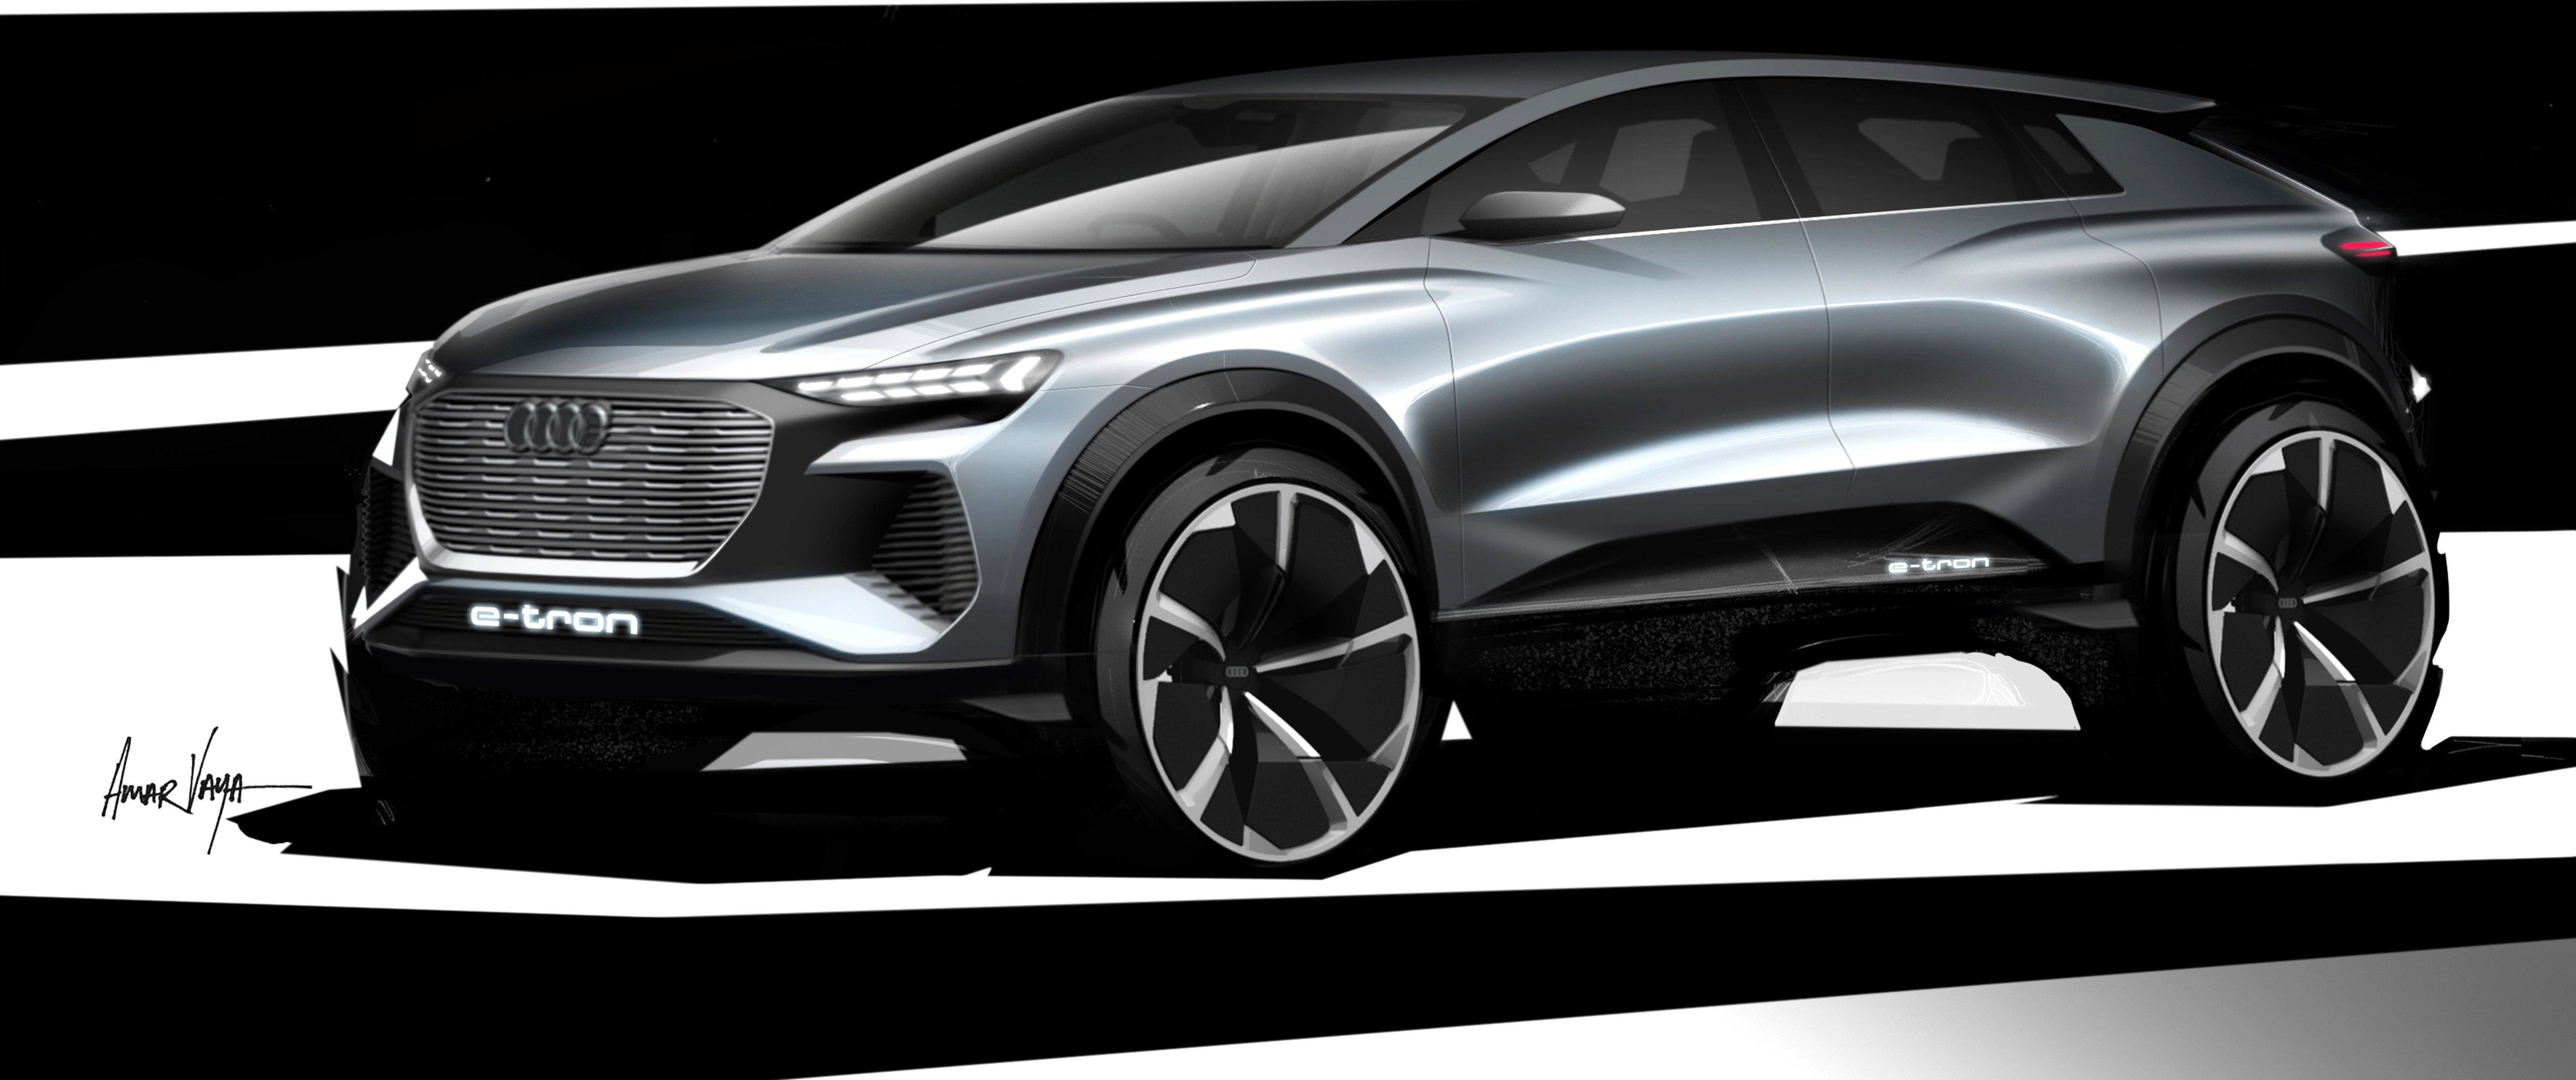 Audi kommer med konsept Q4 e-tron i Genève